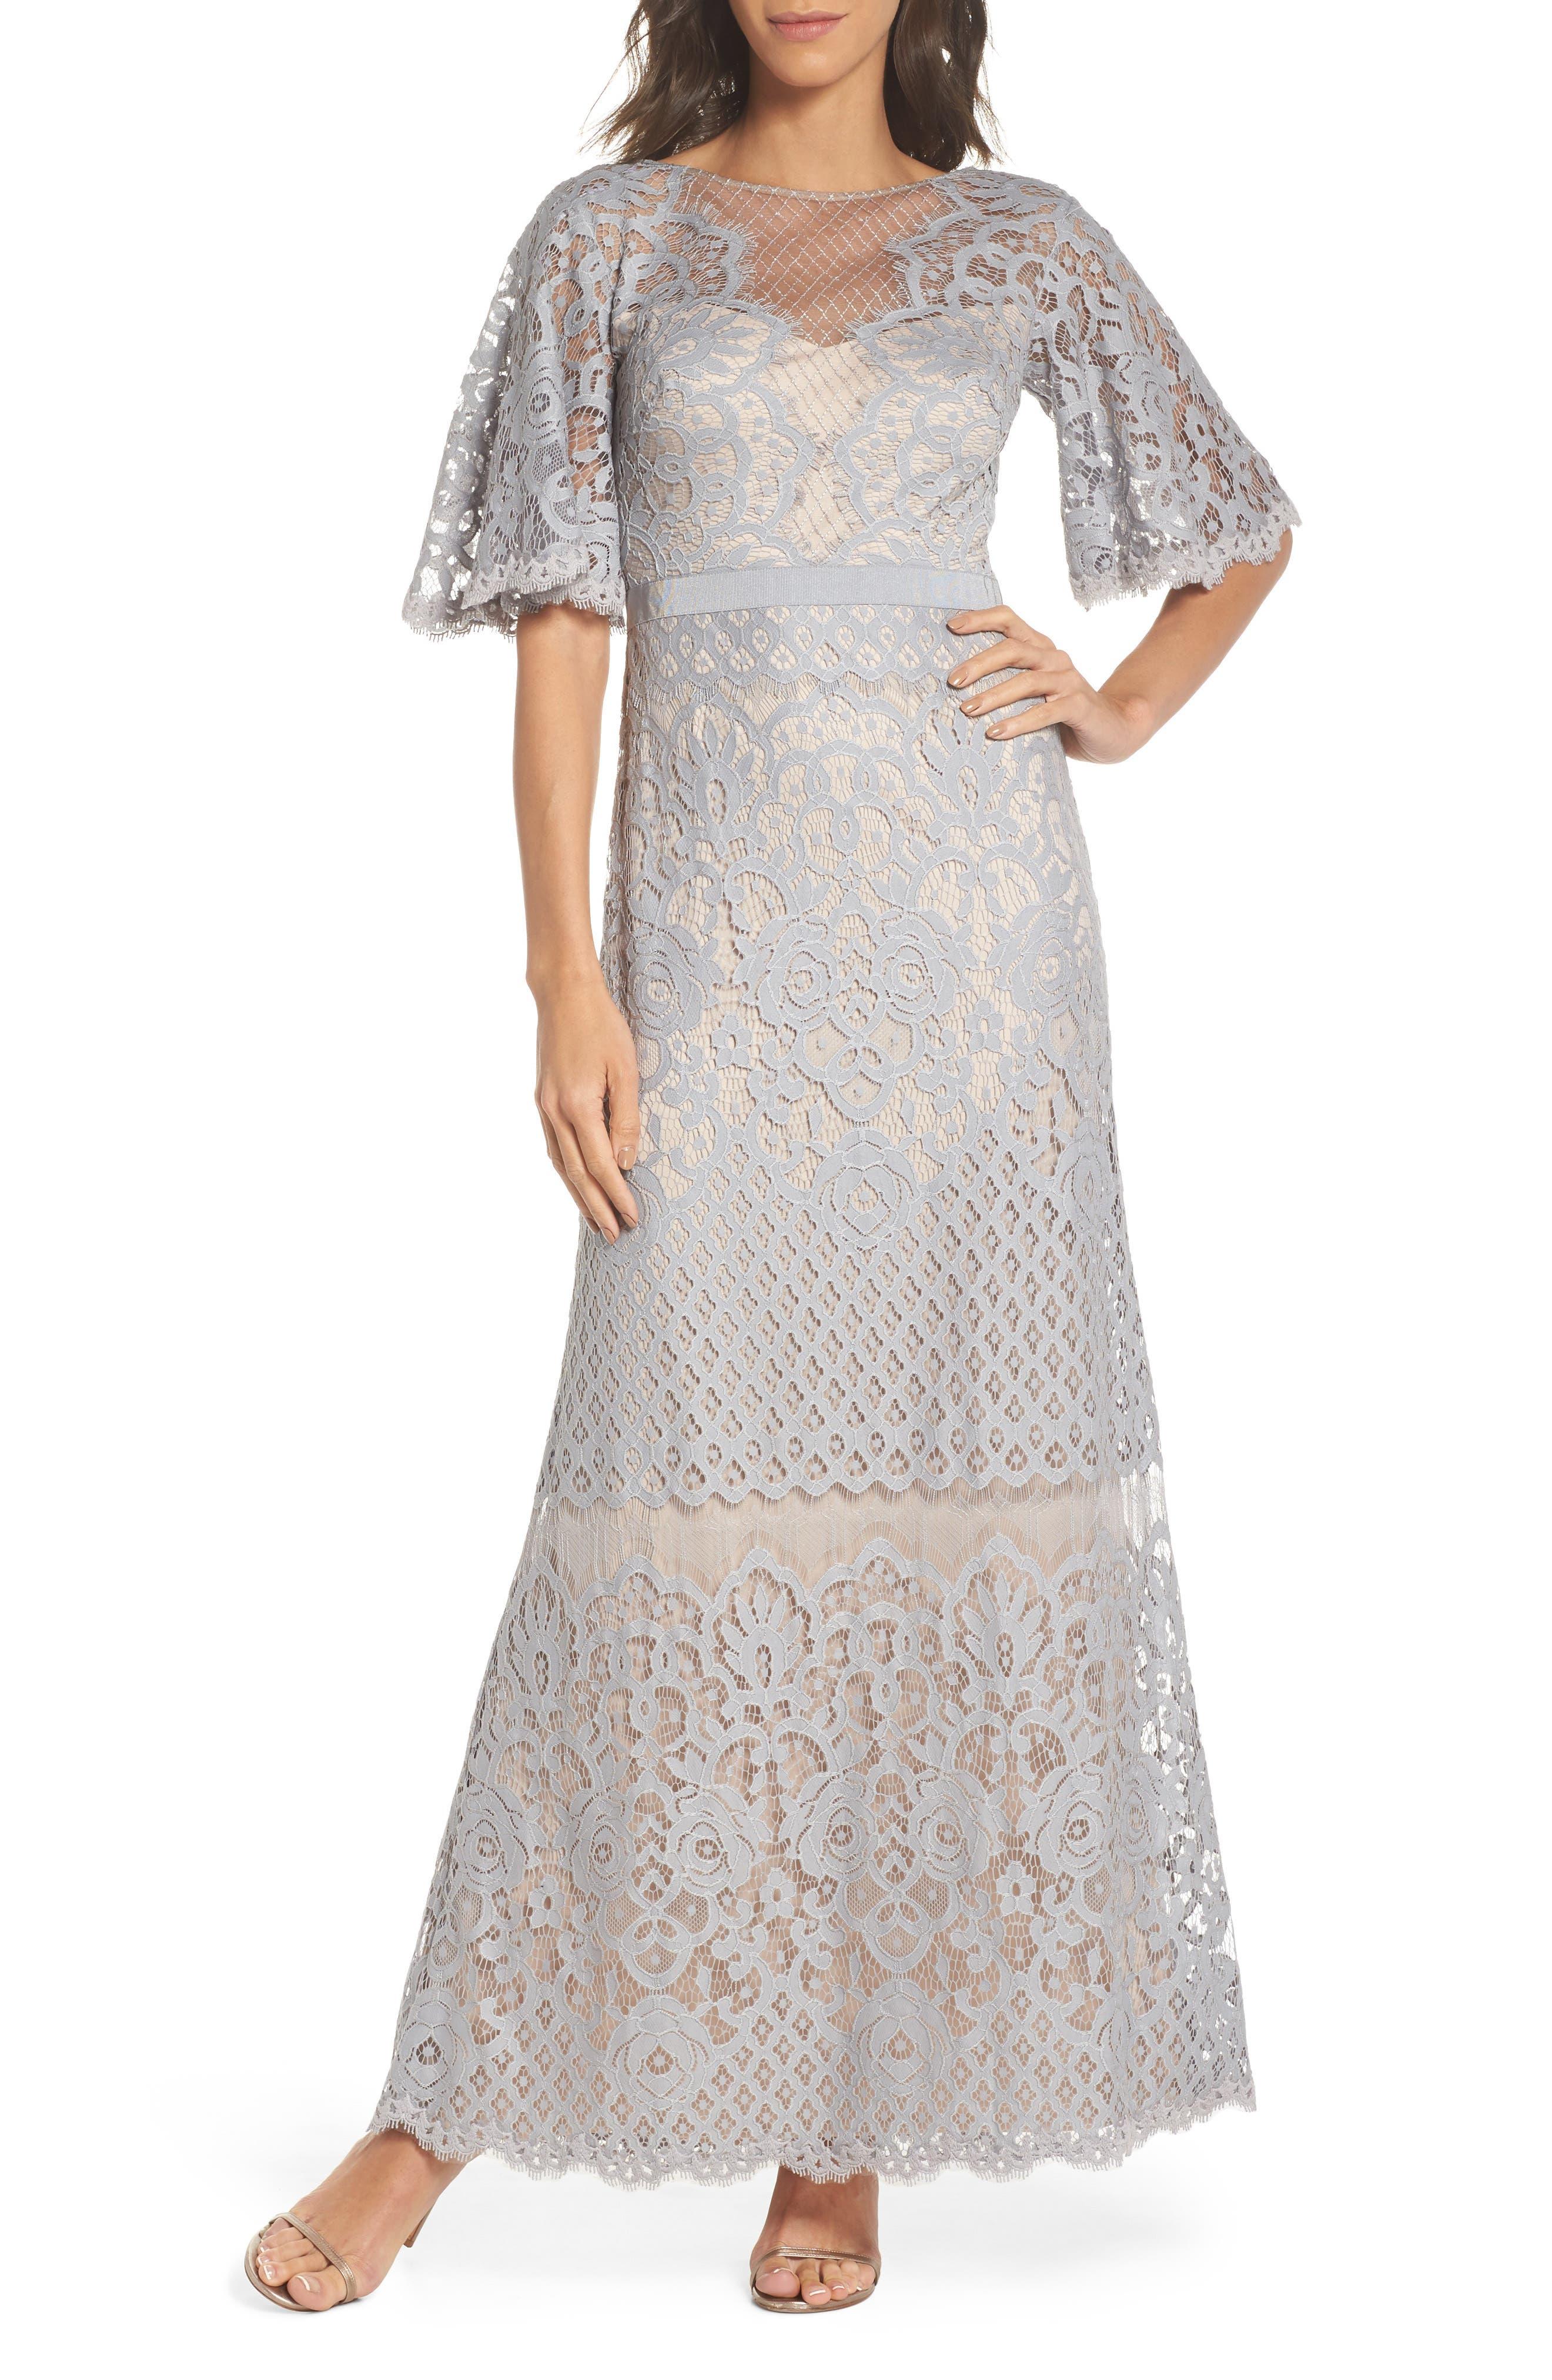 The Mother of Bride Dresses Tadashi Shoji Nordstrom